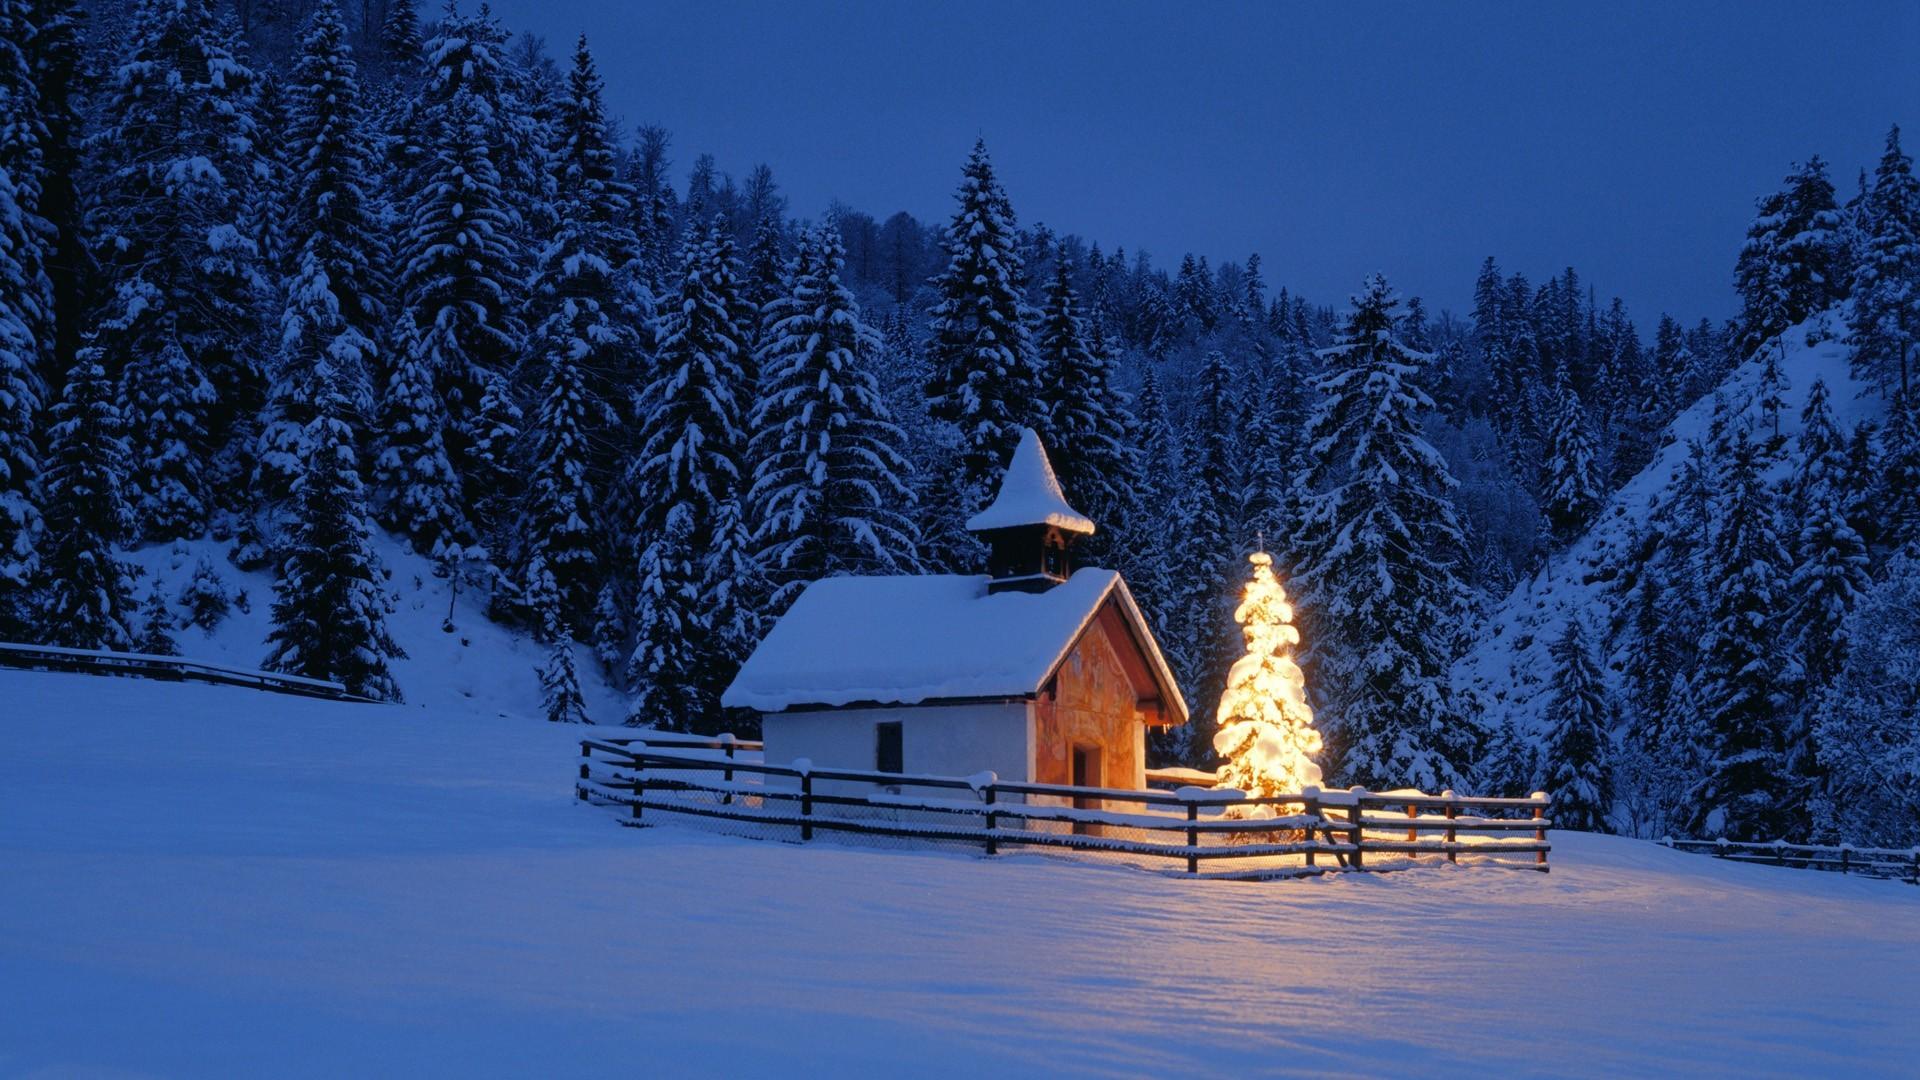 … scenes wallpaper wallpapersafari; beautiful winter snow wallpaper free  hd for desktop …